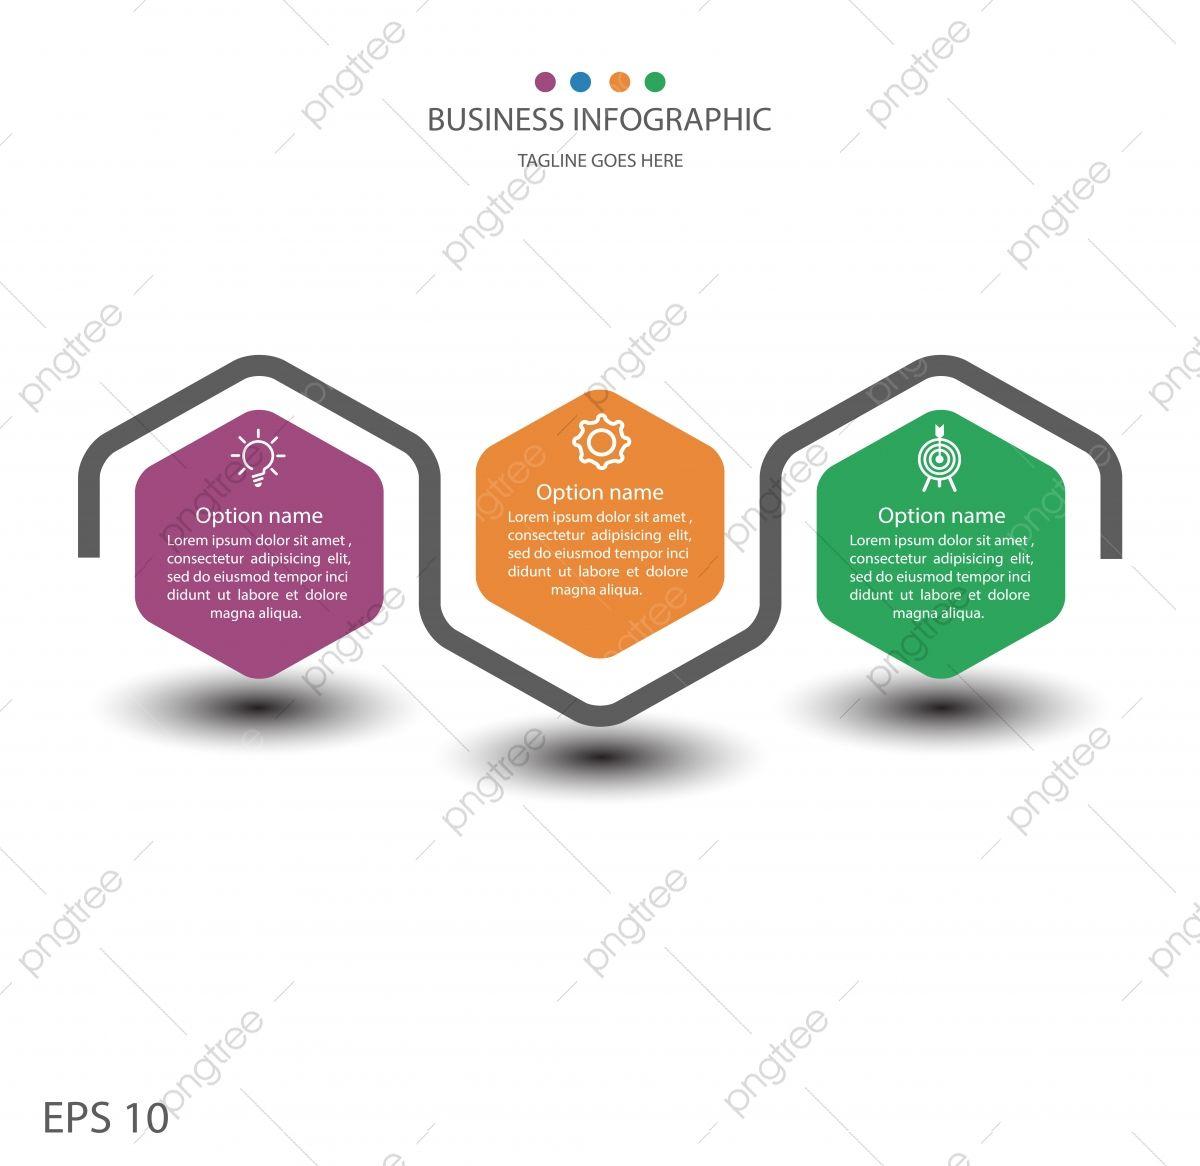 قالب تصميم انفوجرافيك محول الرموز أيقونات اللياقة صانع الايقونات Png والمتجهات للتحميل مجانا Infographic Design Infographic Templates Template Design